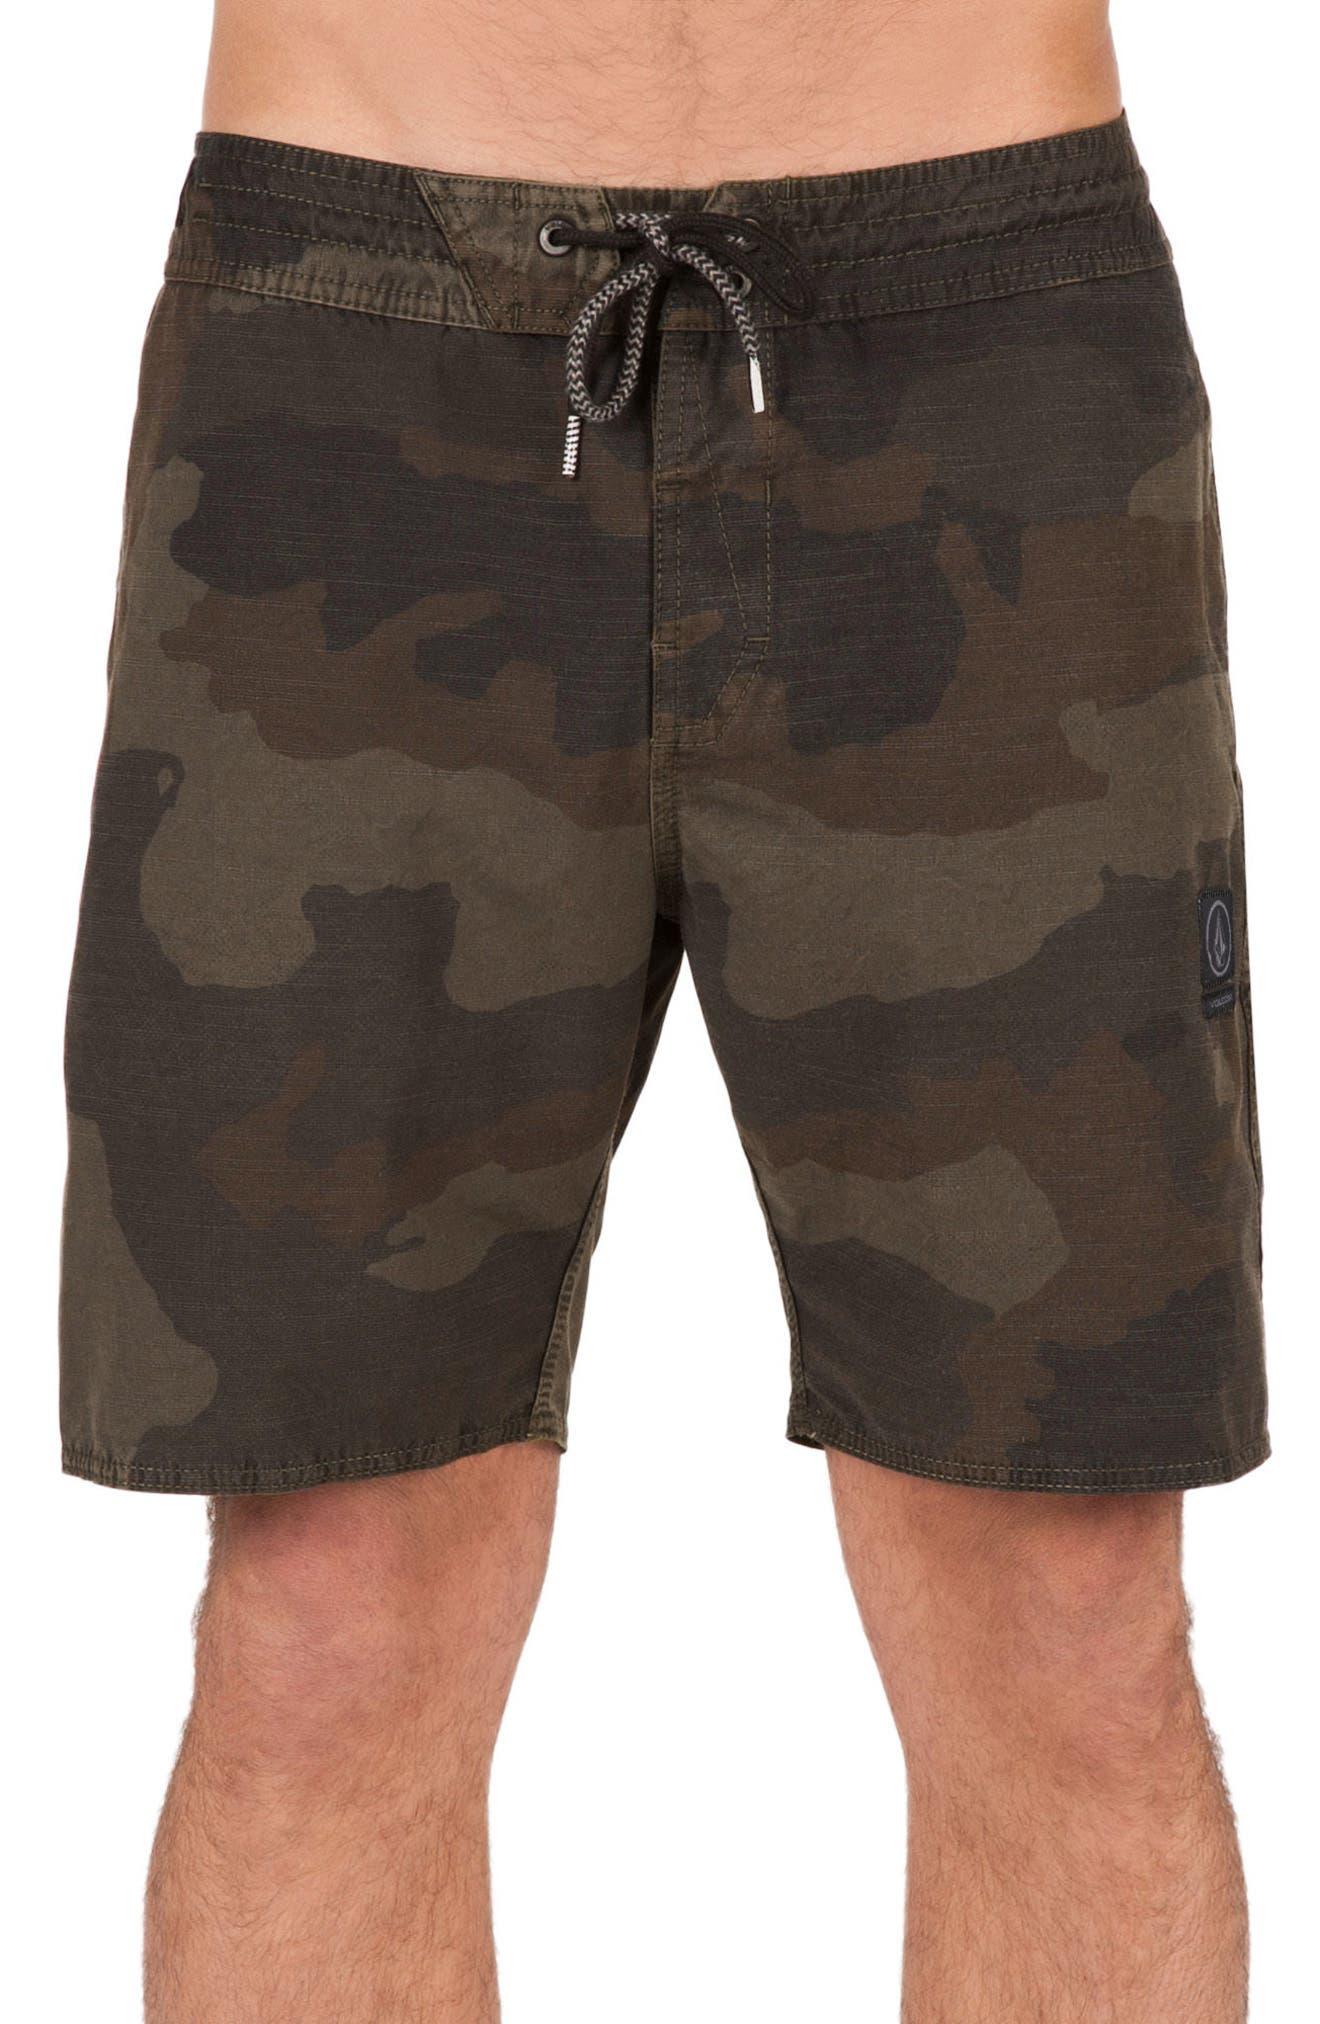 Volcom Balbroa Slinger Board Shorts